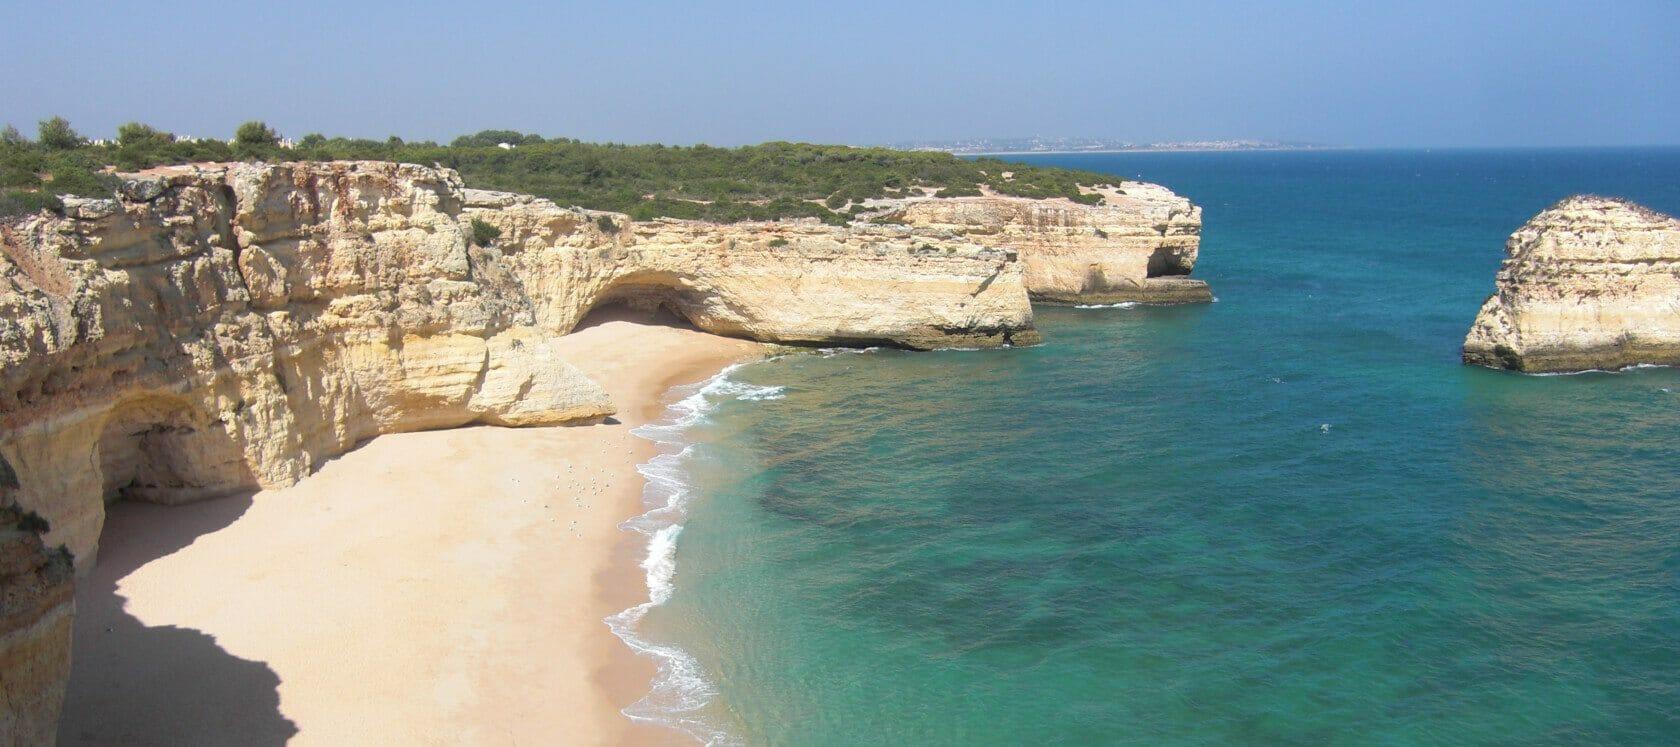 Algarve Felsenstrand